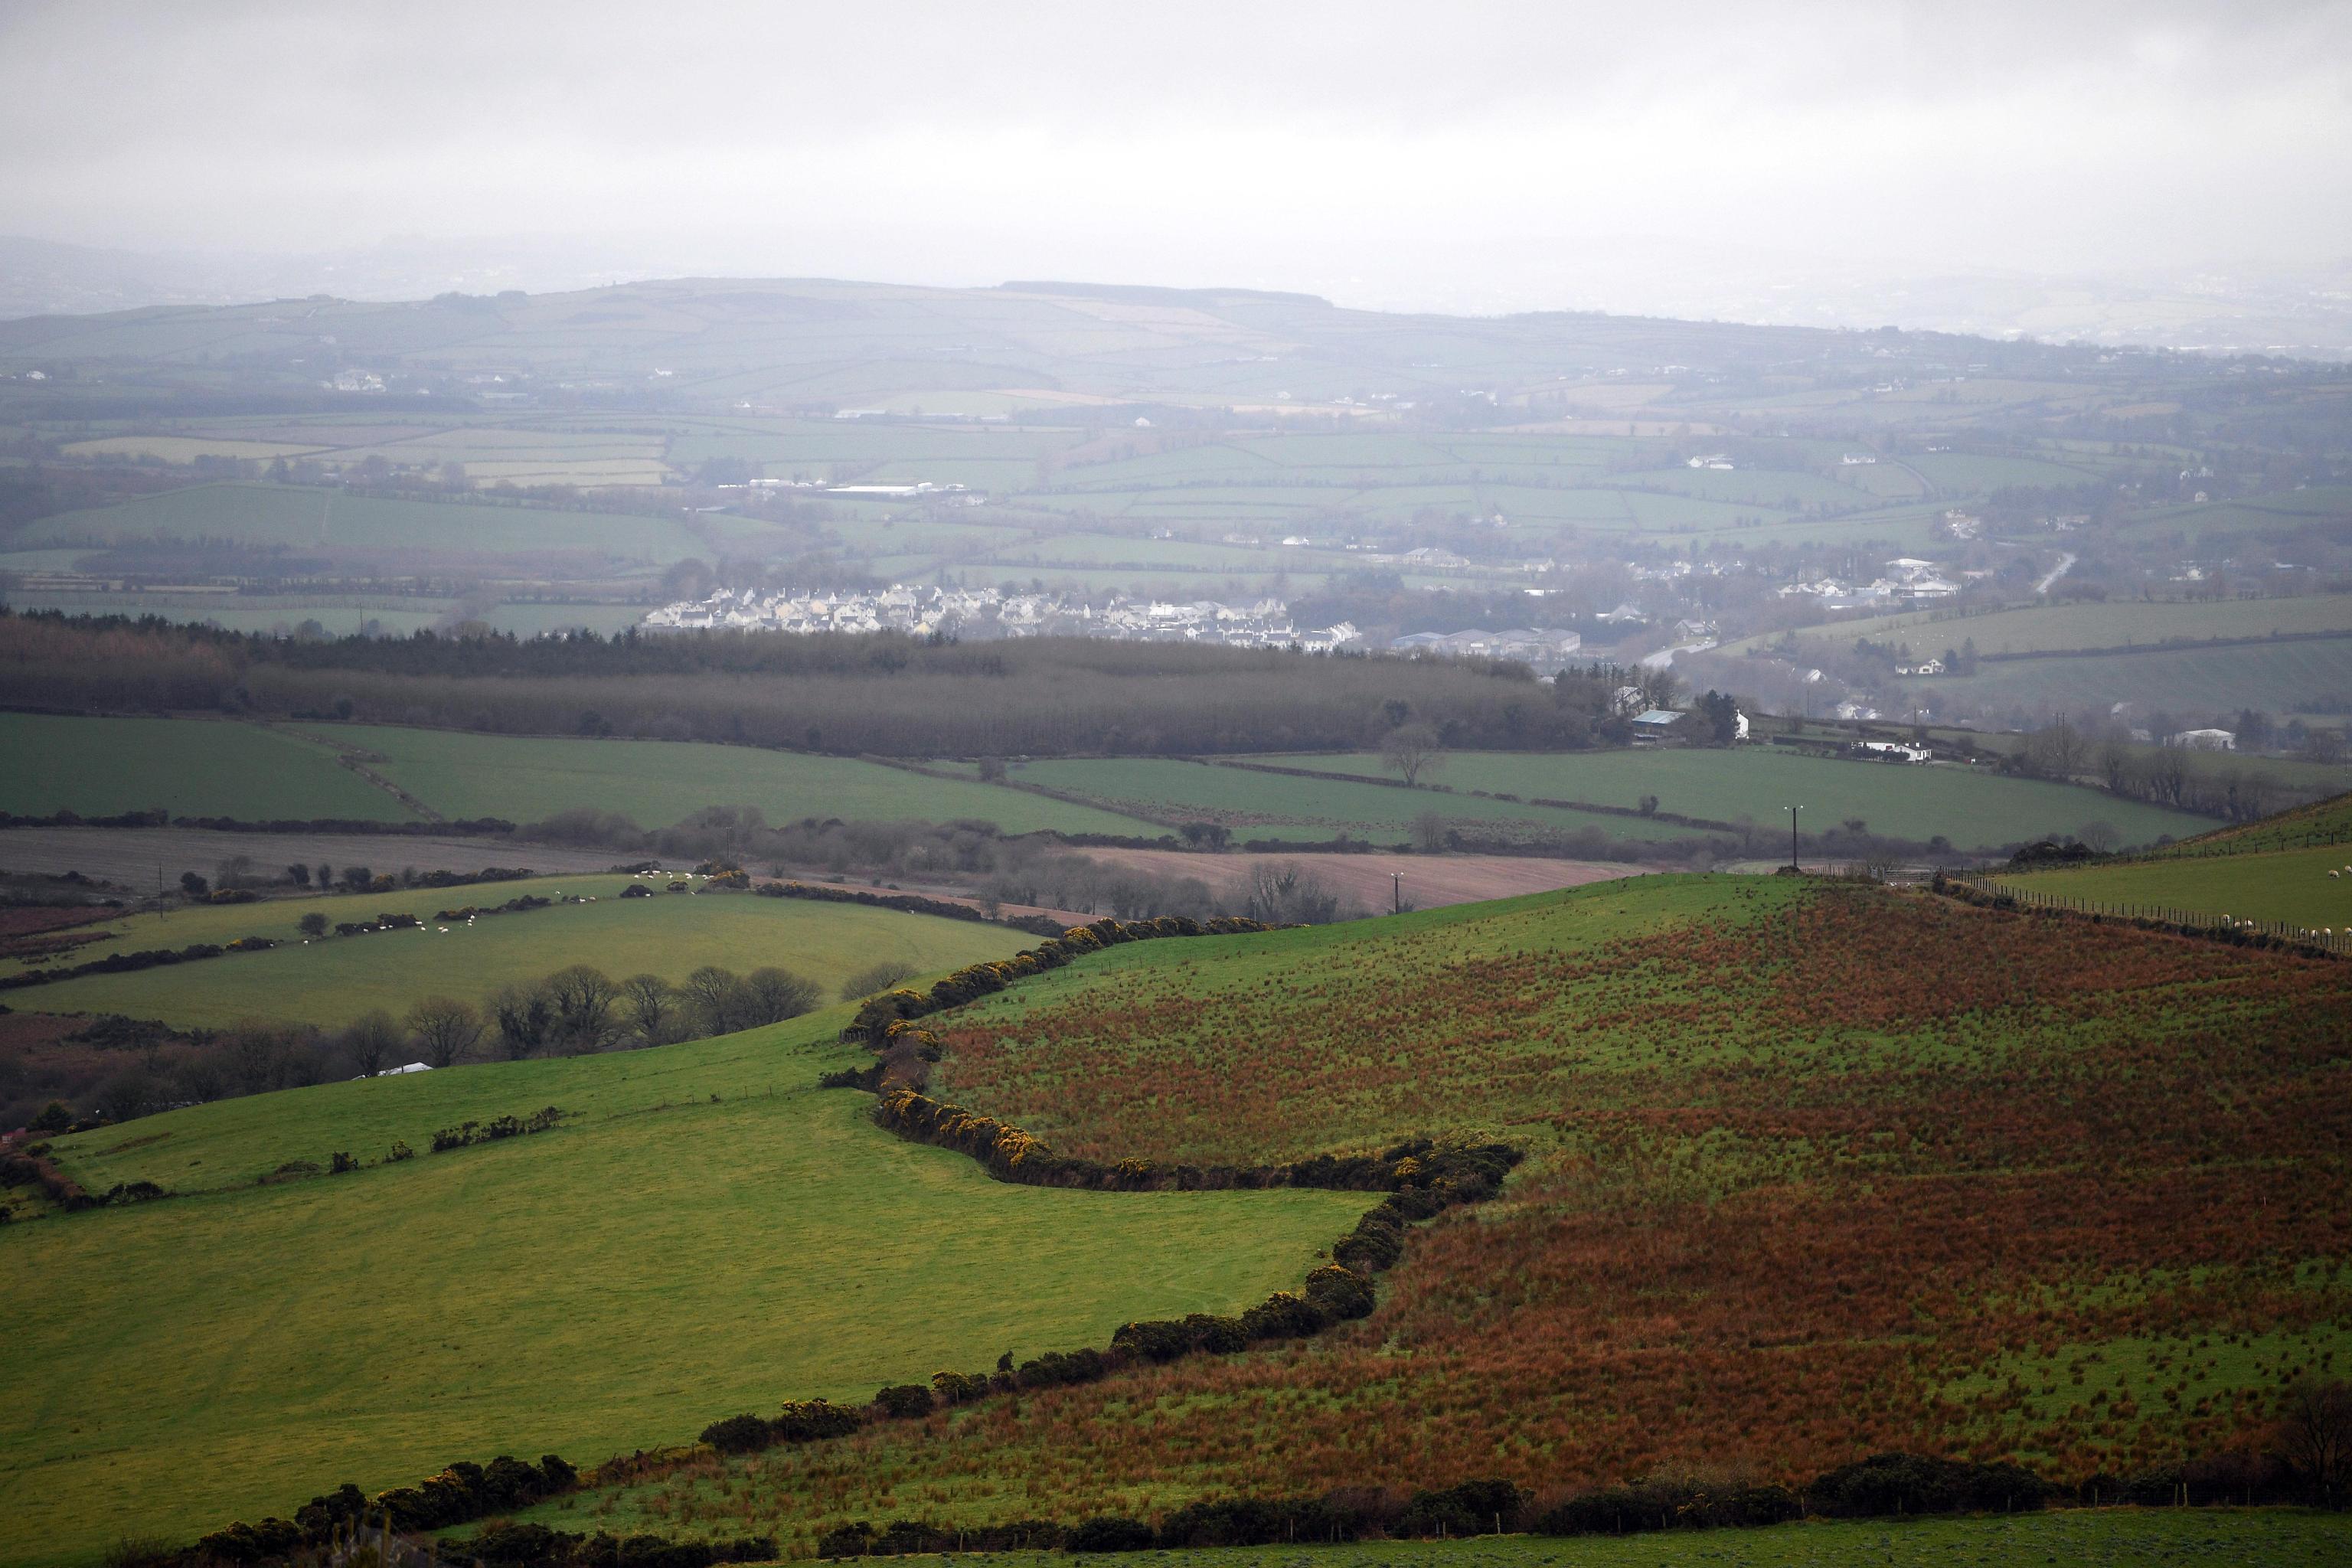 La vista dei campi sul confine tra la Repubblica di Irlanda e l'Irlanda del Nord